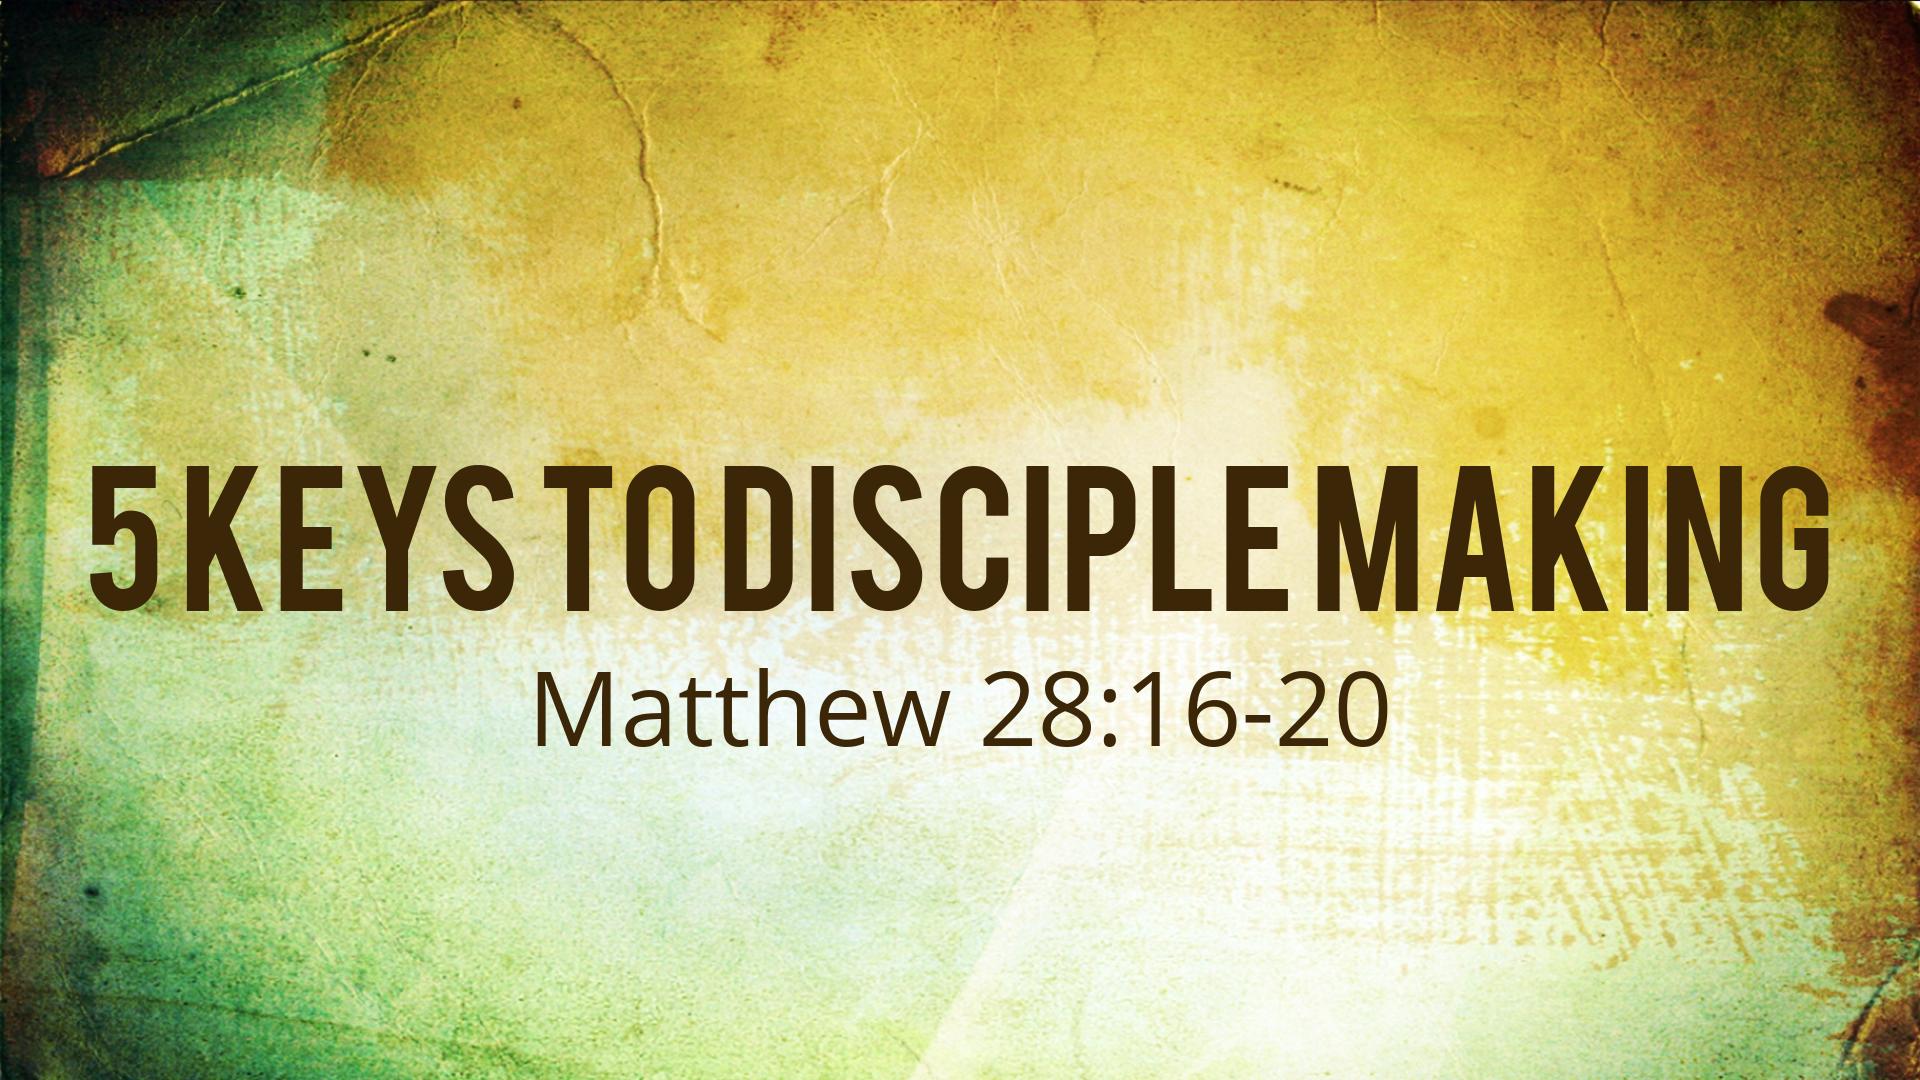 5 Keys to Disciple Making (Matthew 28:16-20) — Gateway Church Downtown